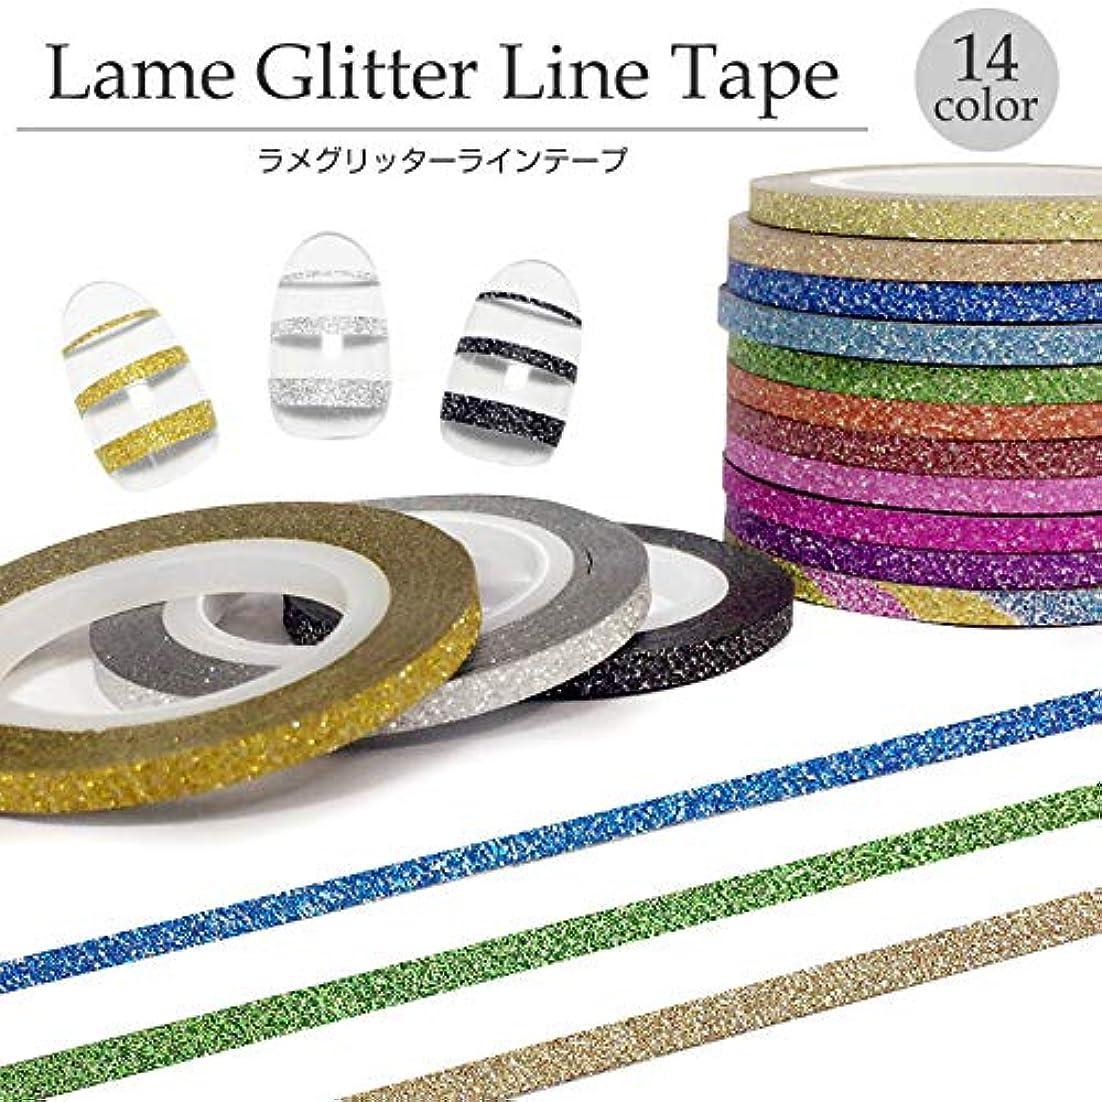 ダイアクリティカル自発余韻ラインテープ ラメグリッターラインテープ (1mm, 10.シャンパンF)